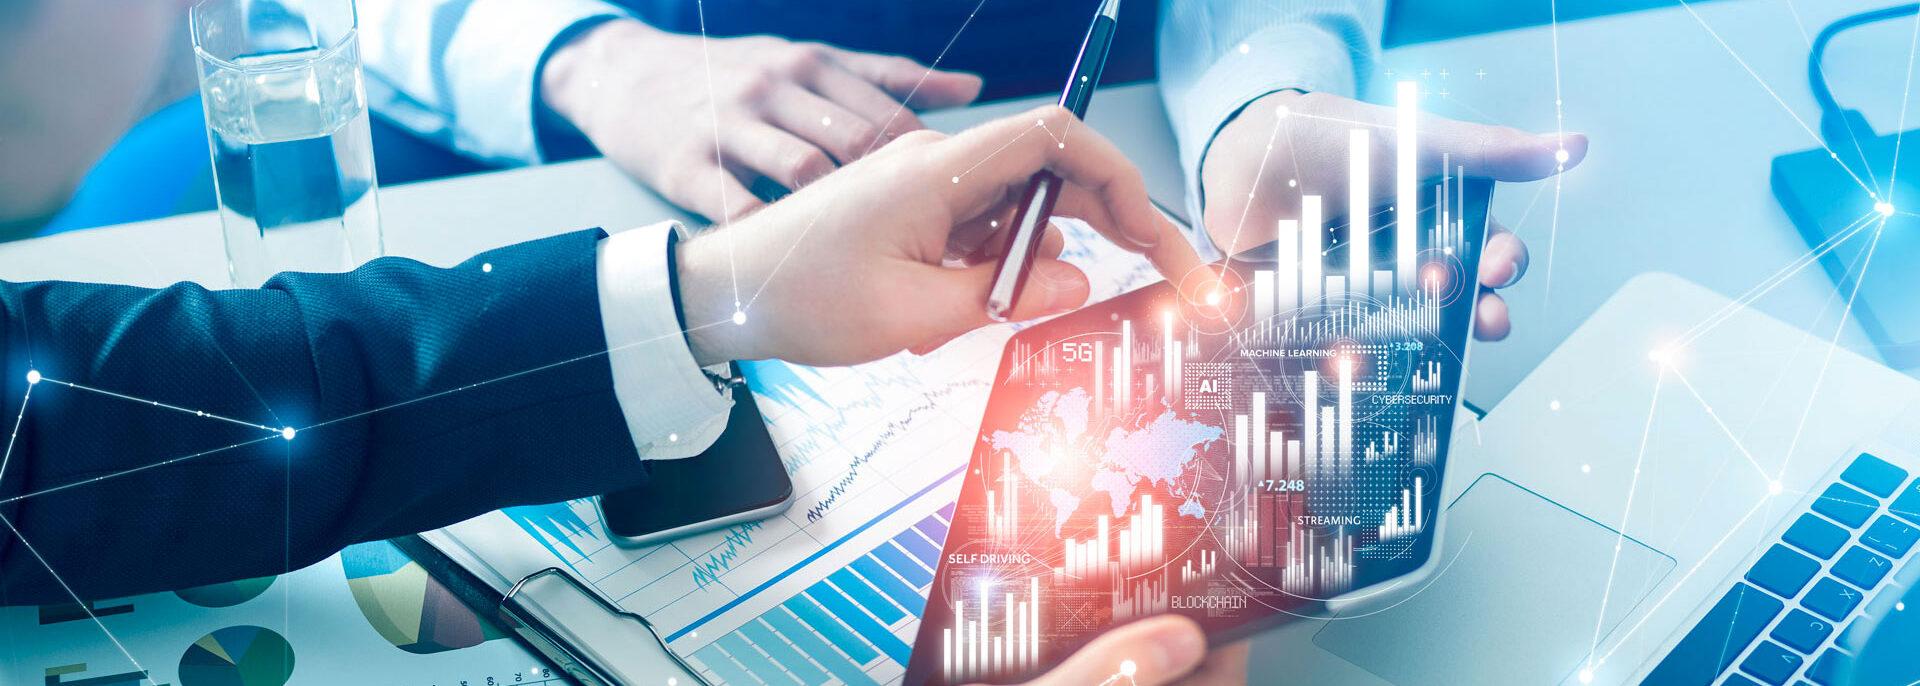 Emploi assurances et finance - Agence de placement à Québec - Employment insurance